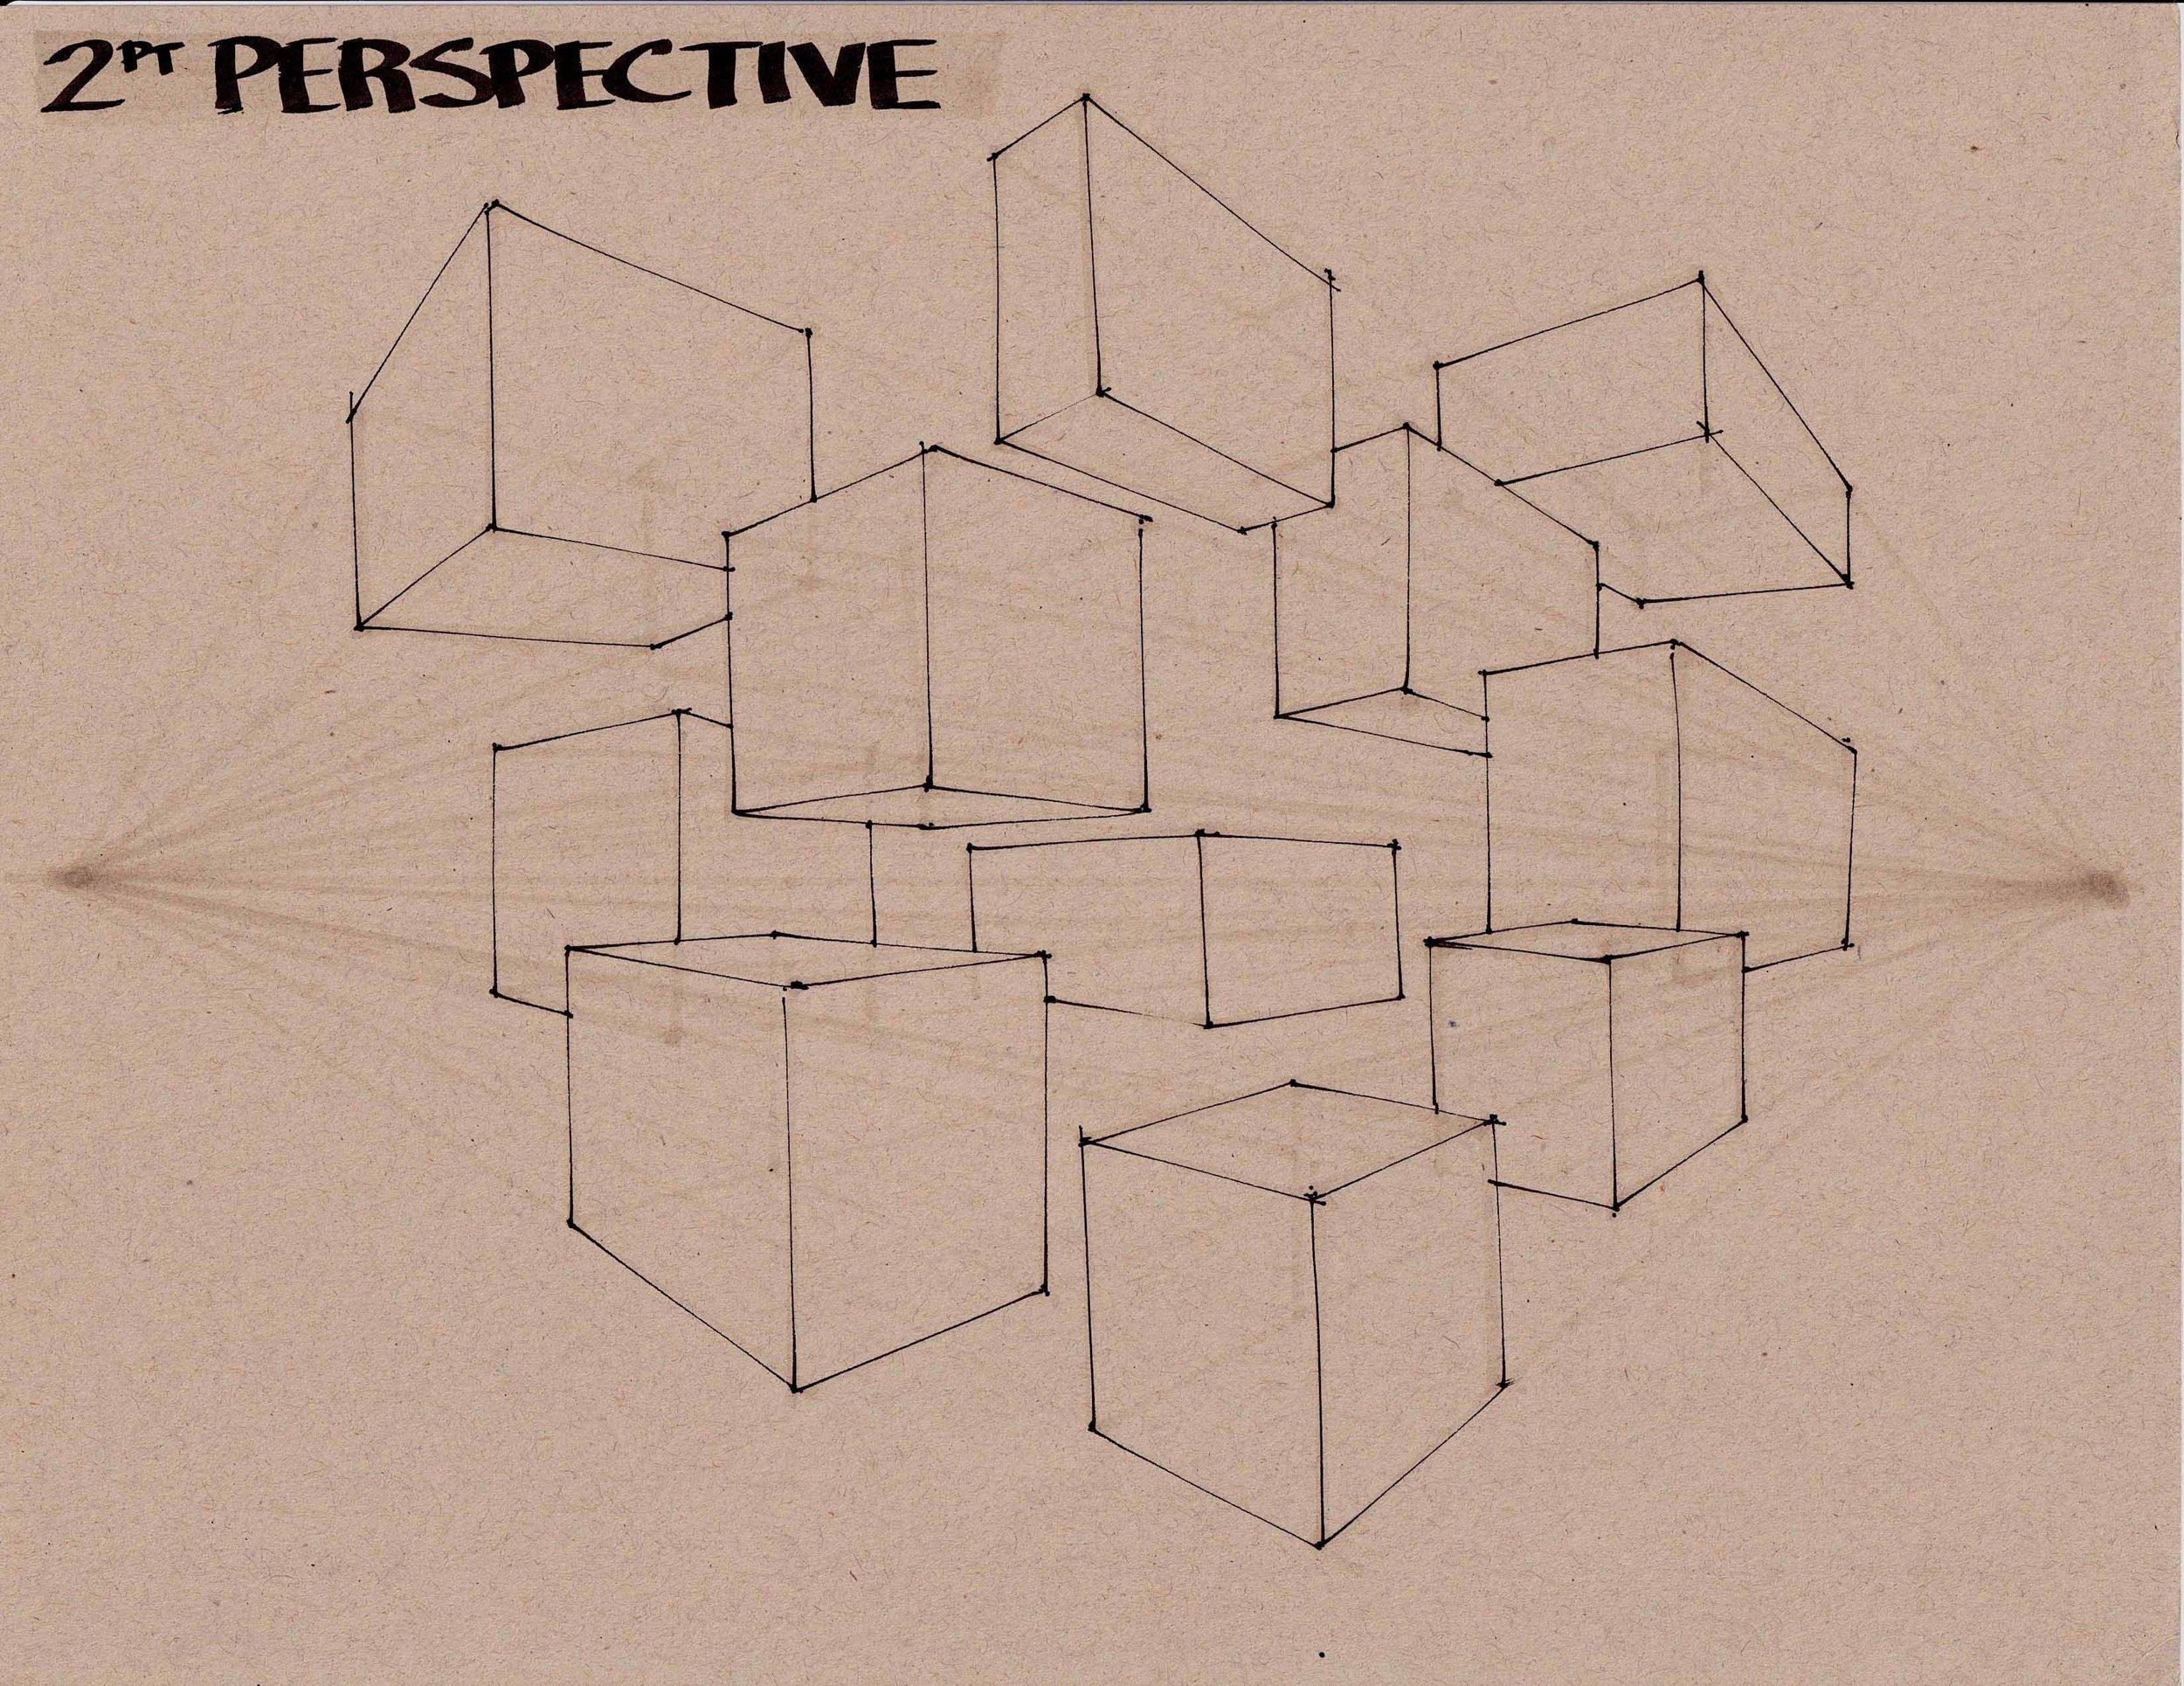 2pt perspetive S.jpg